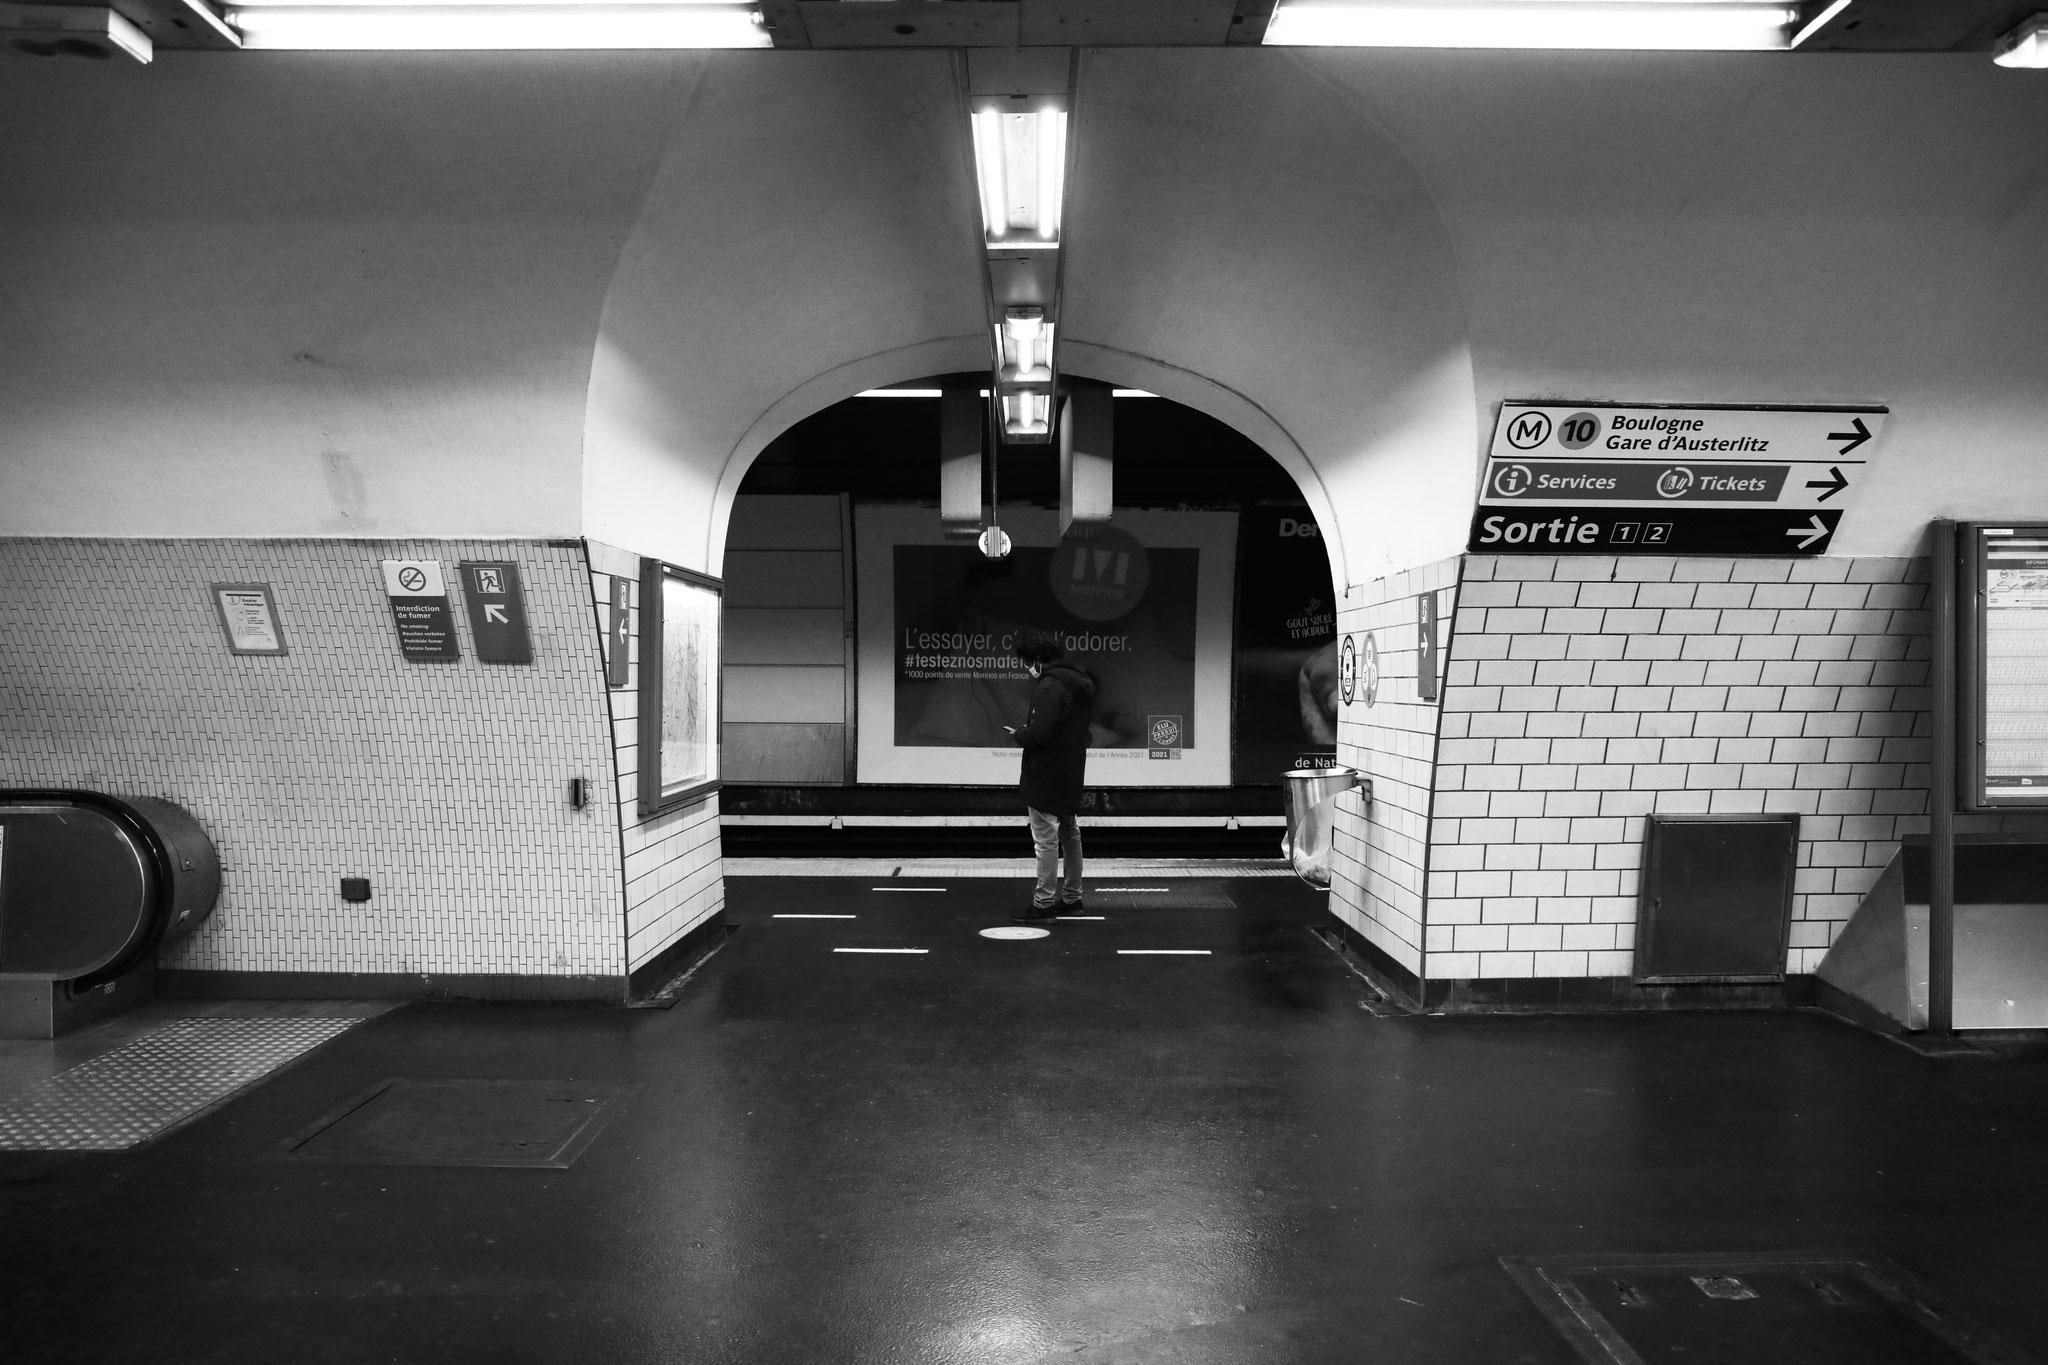 """""""Underground cityscape"""" - Station Saint-Michel Notre-Dame, Paris (2021). Canon 5D Mark IV + 24-105mm. ©Clémence Rougetet"""